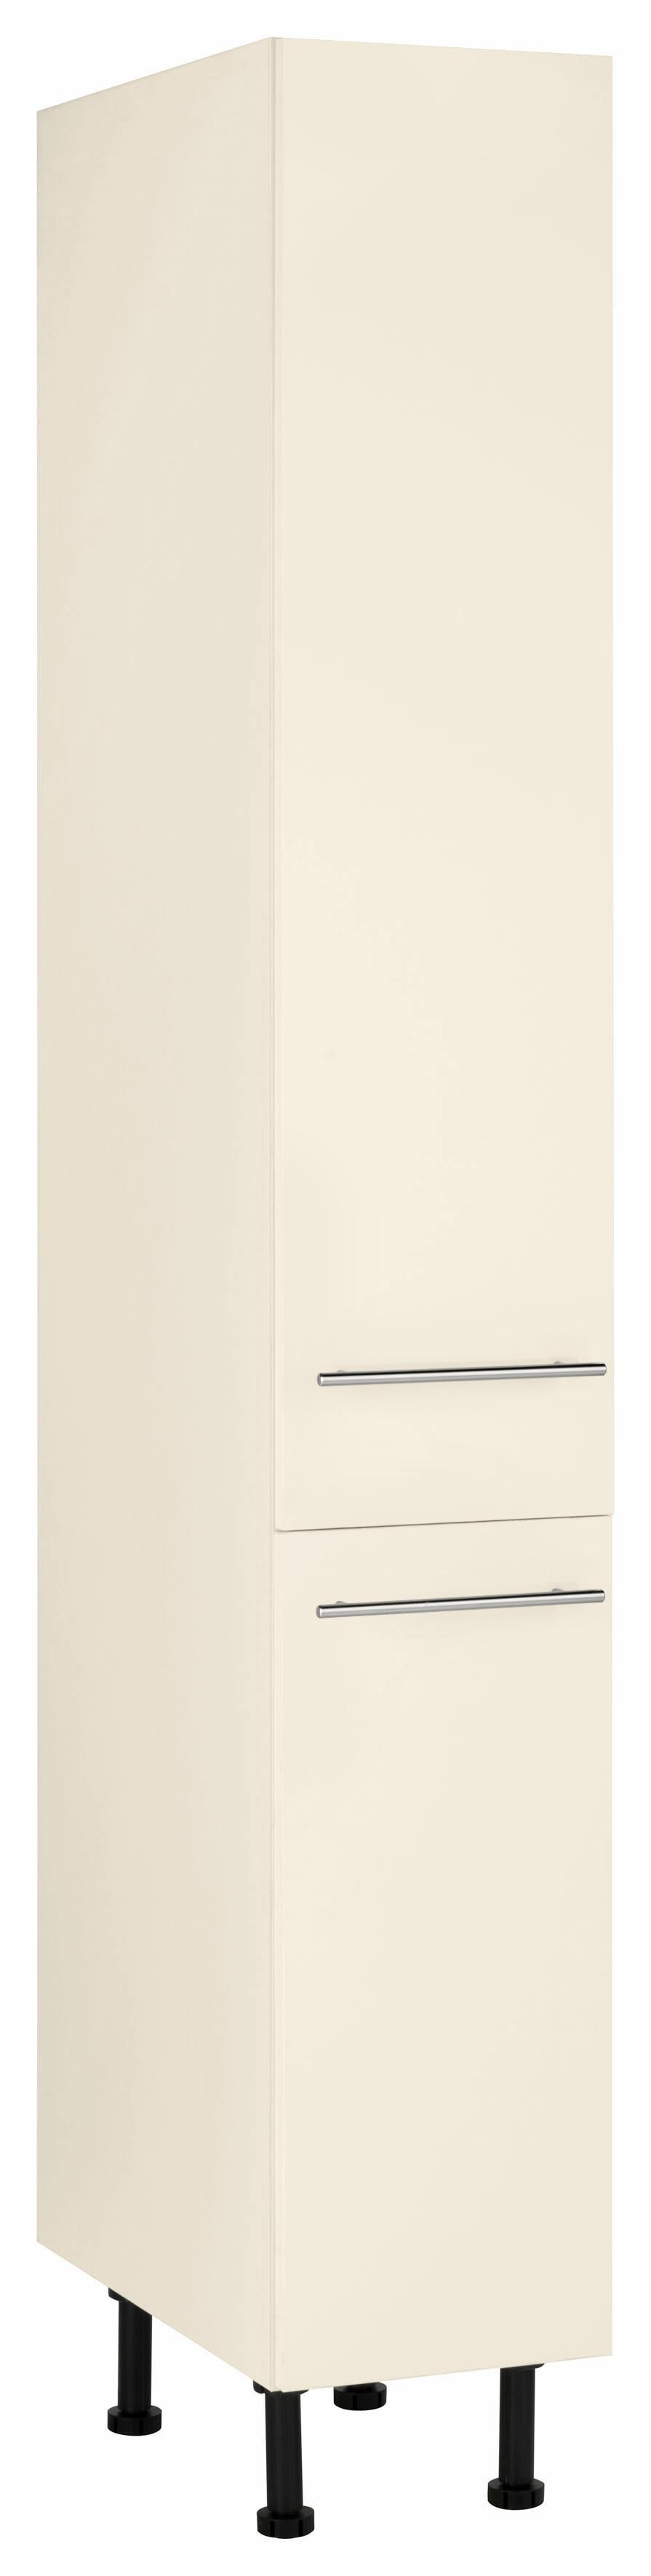 Apothekerschränke online kaufen | Möbel-Suchmaschine | ladendirekt.de